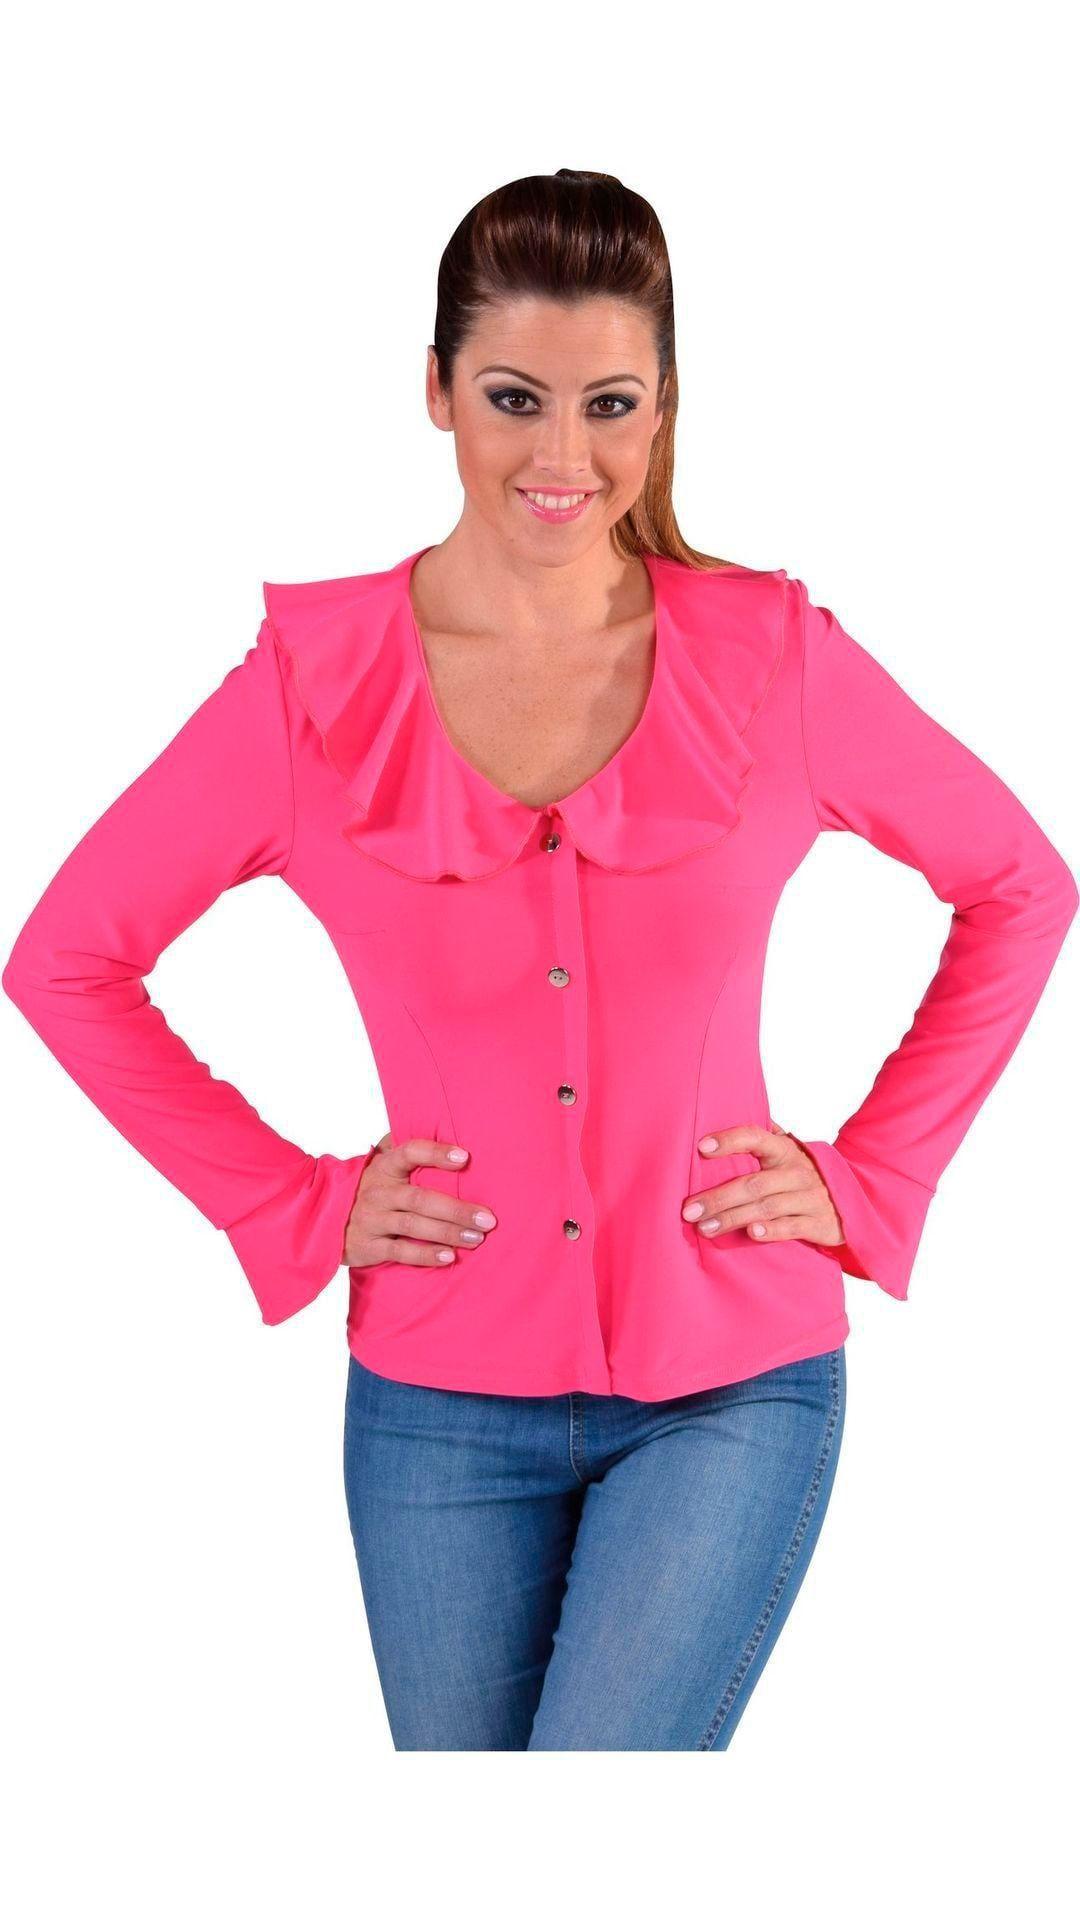 Roze jersey blouse